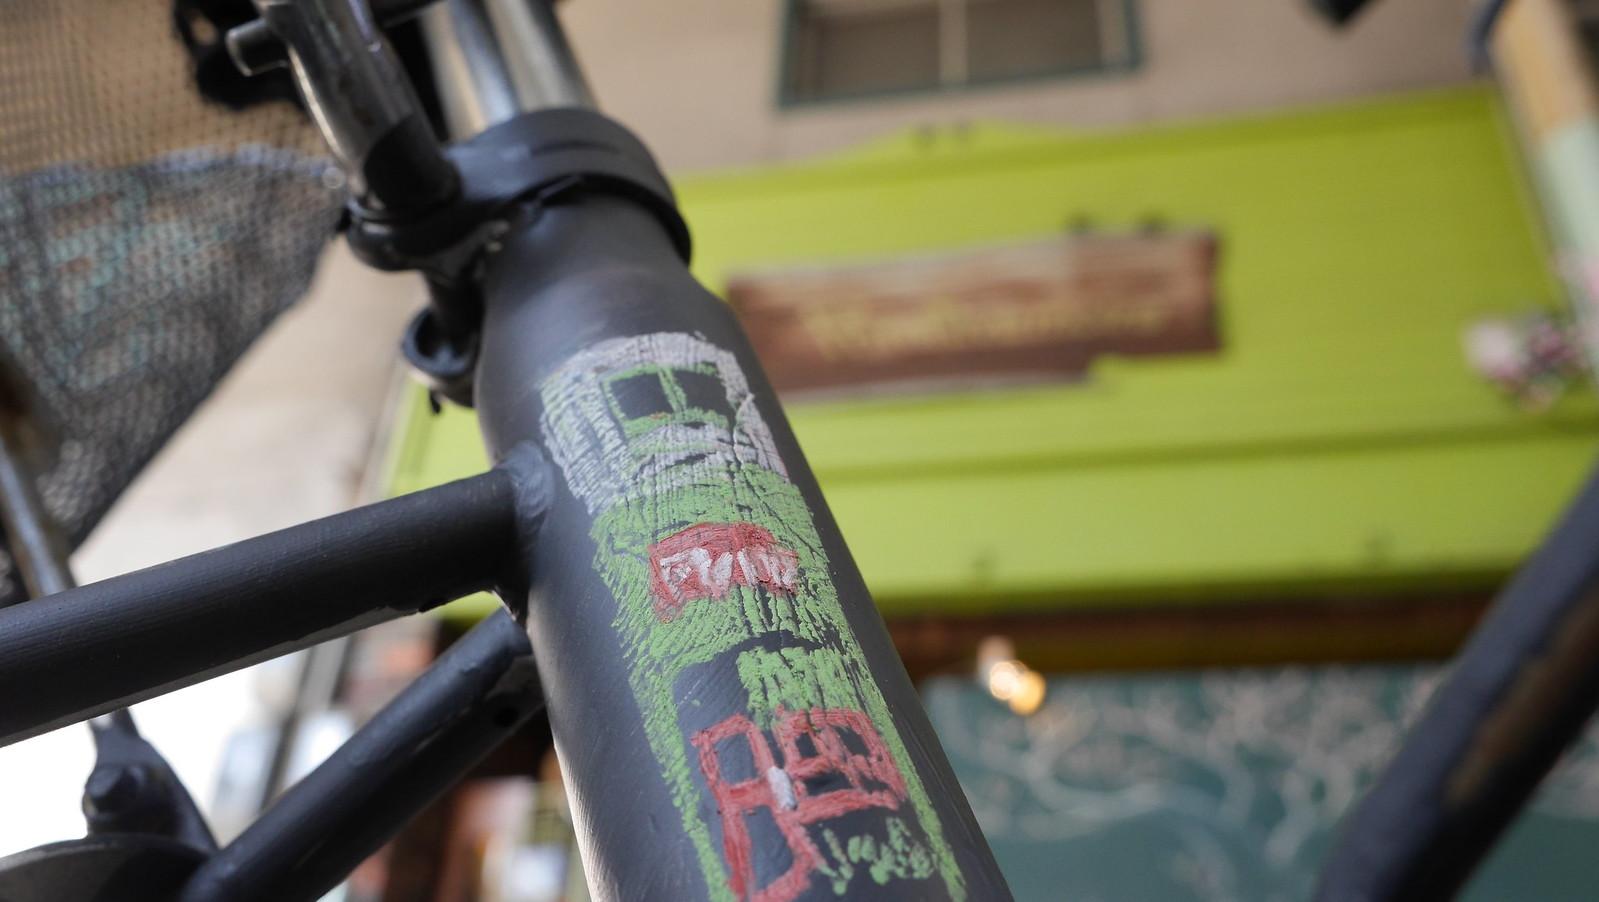 Blackboard bicycle